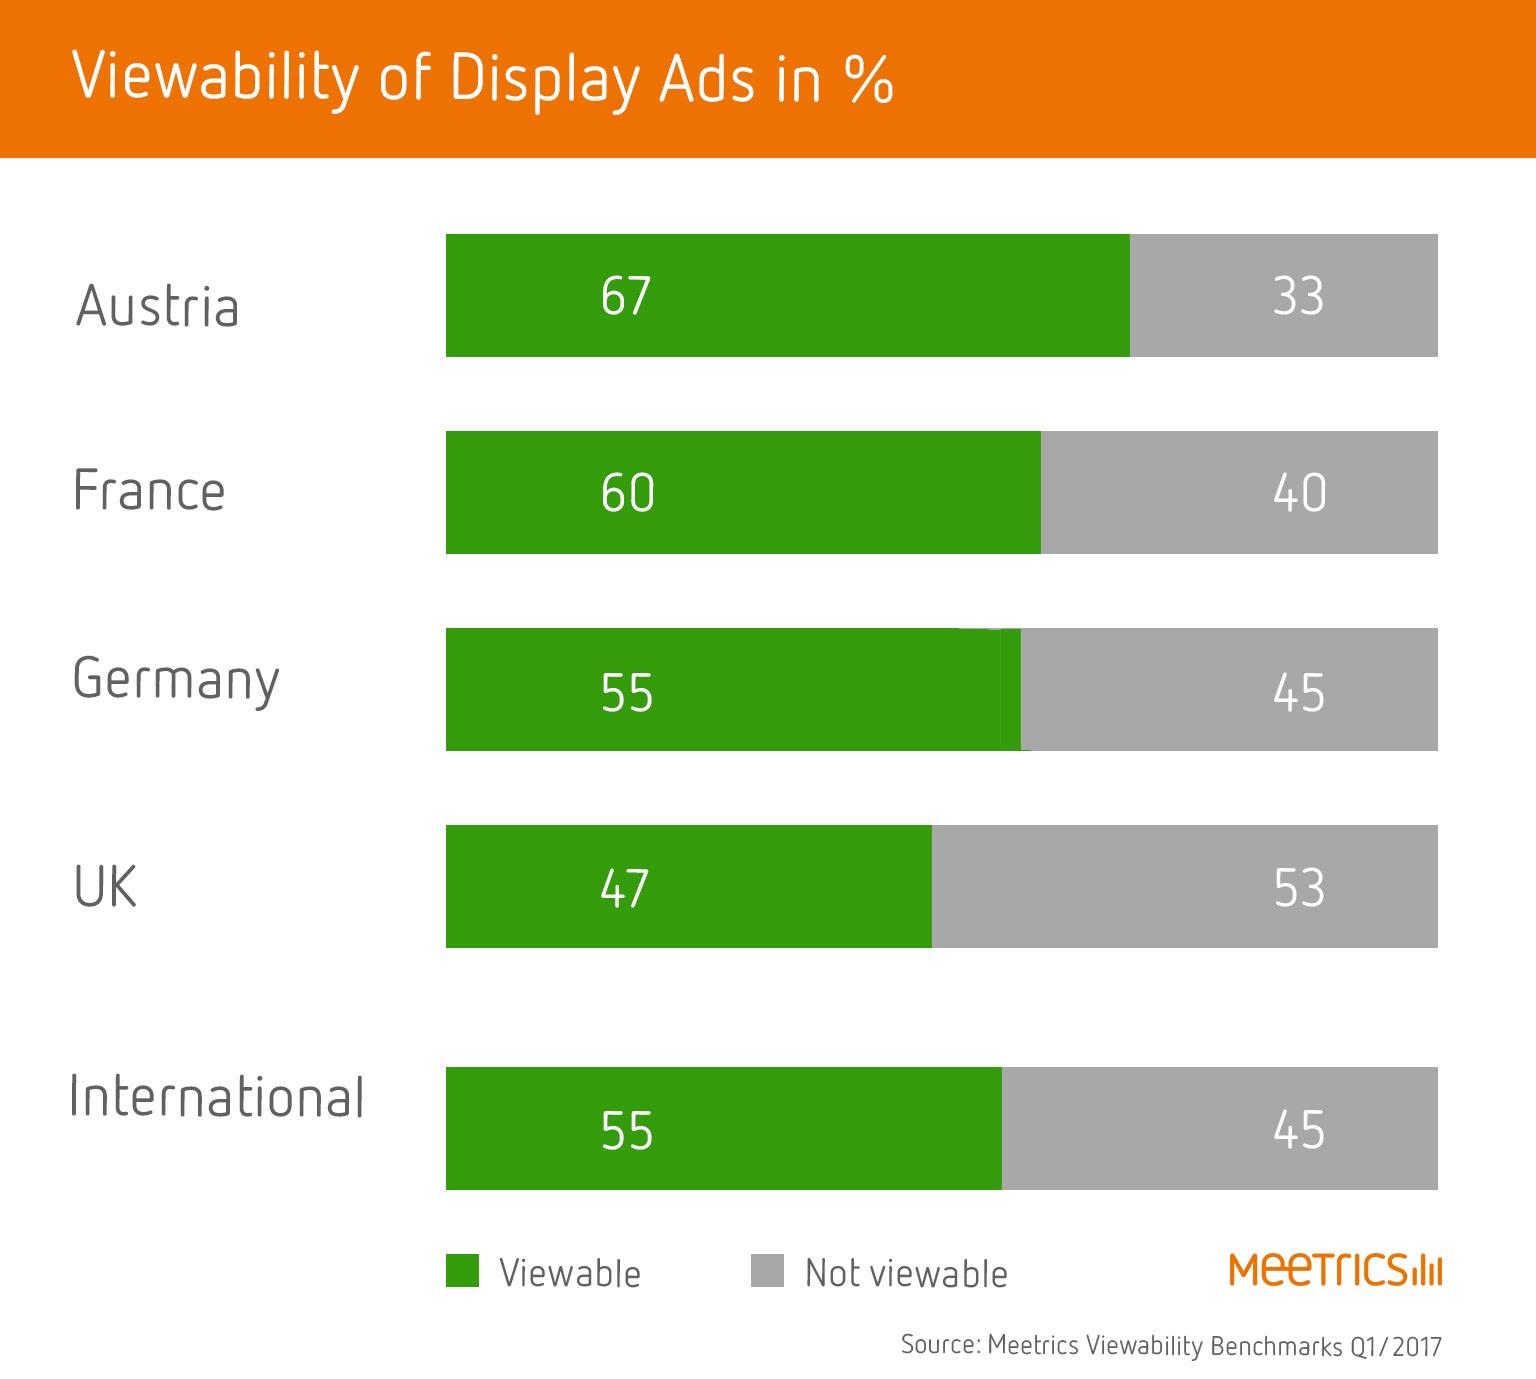 Viewability Display Ads